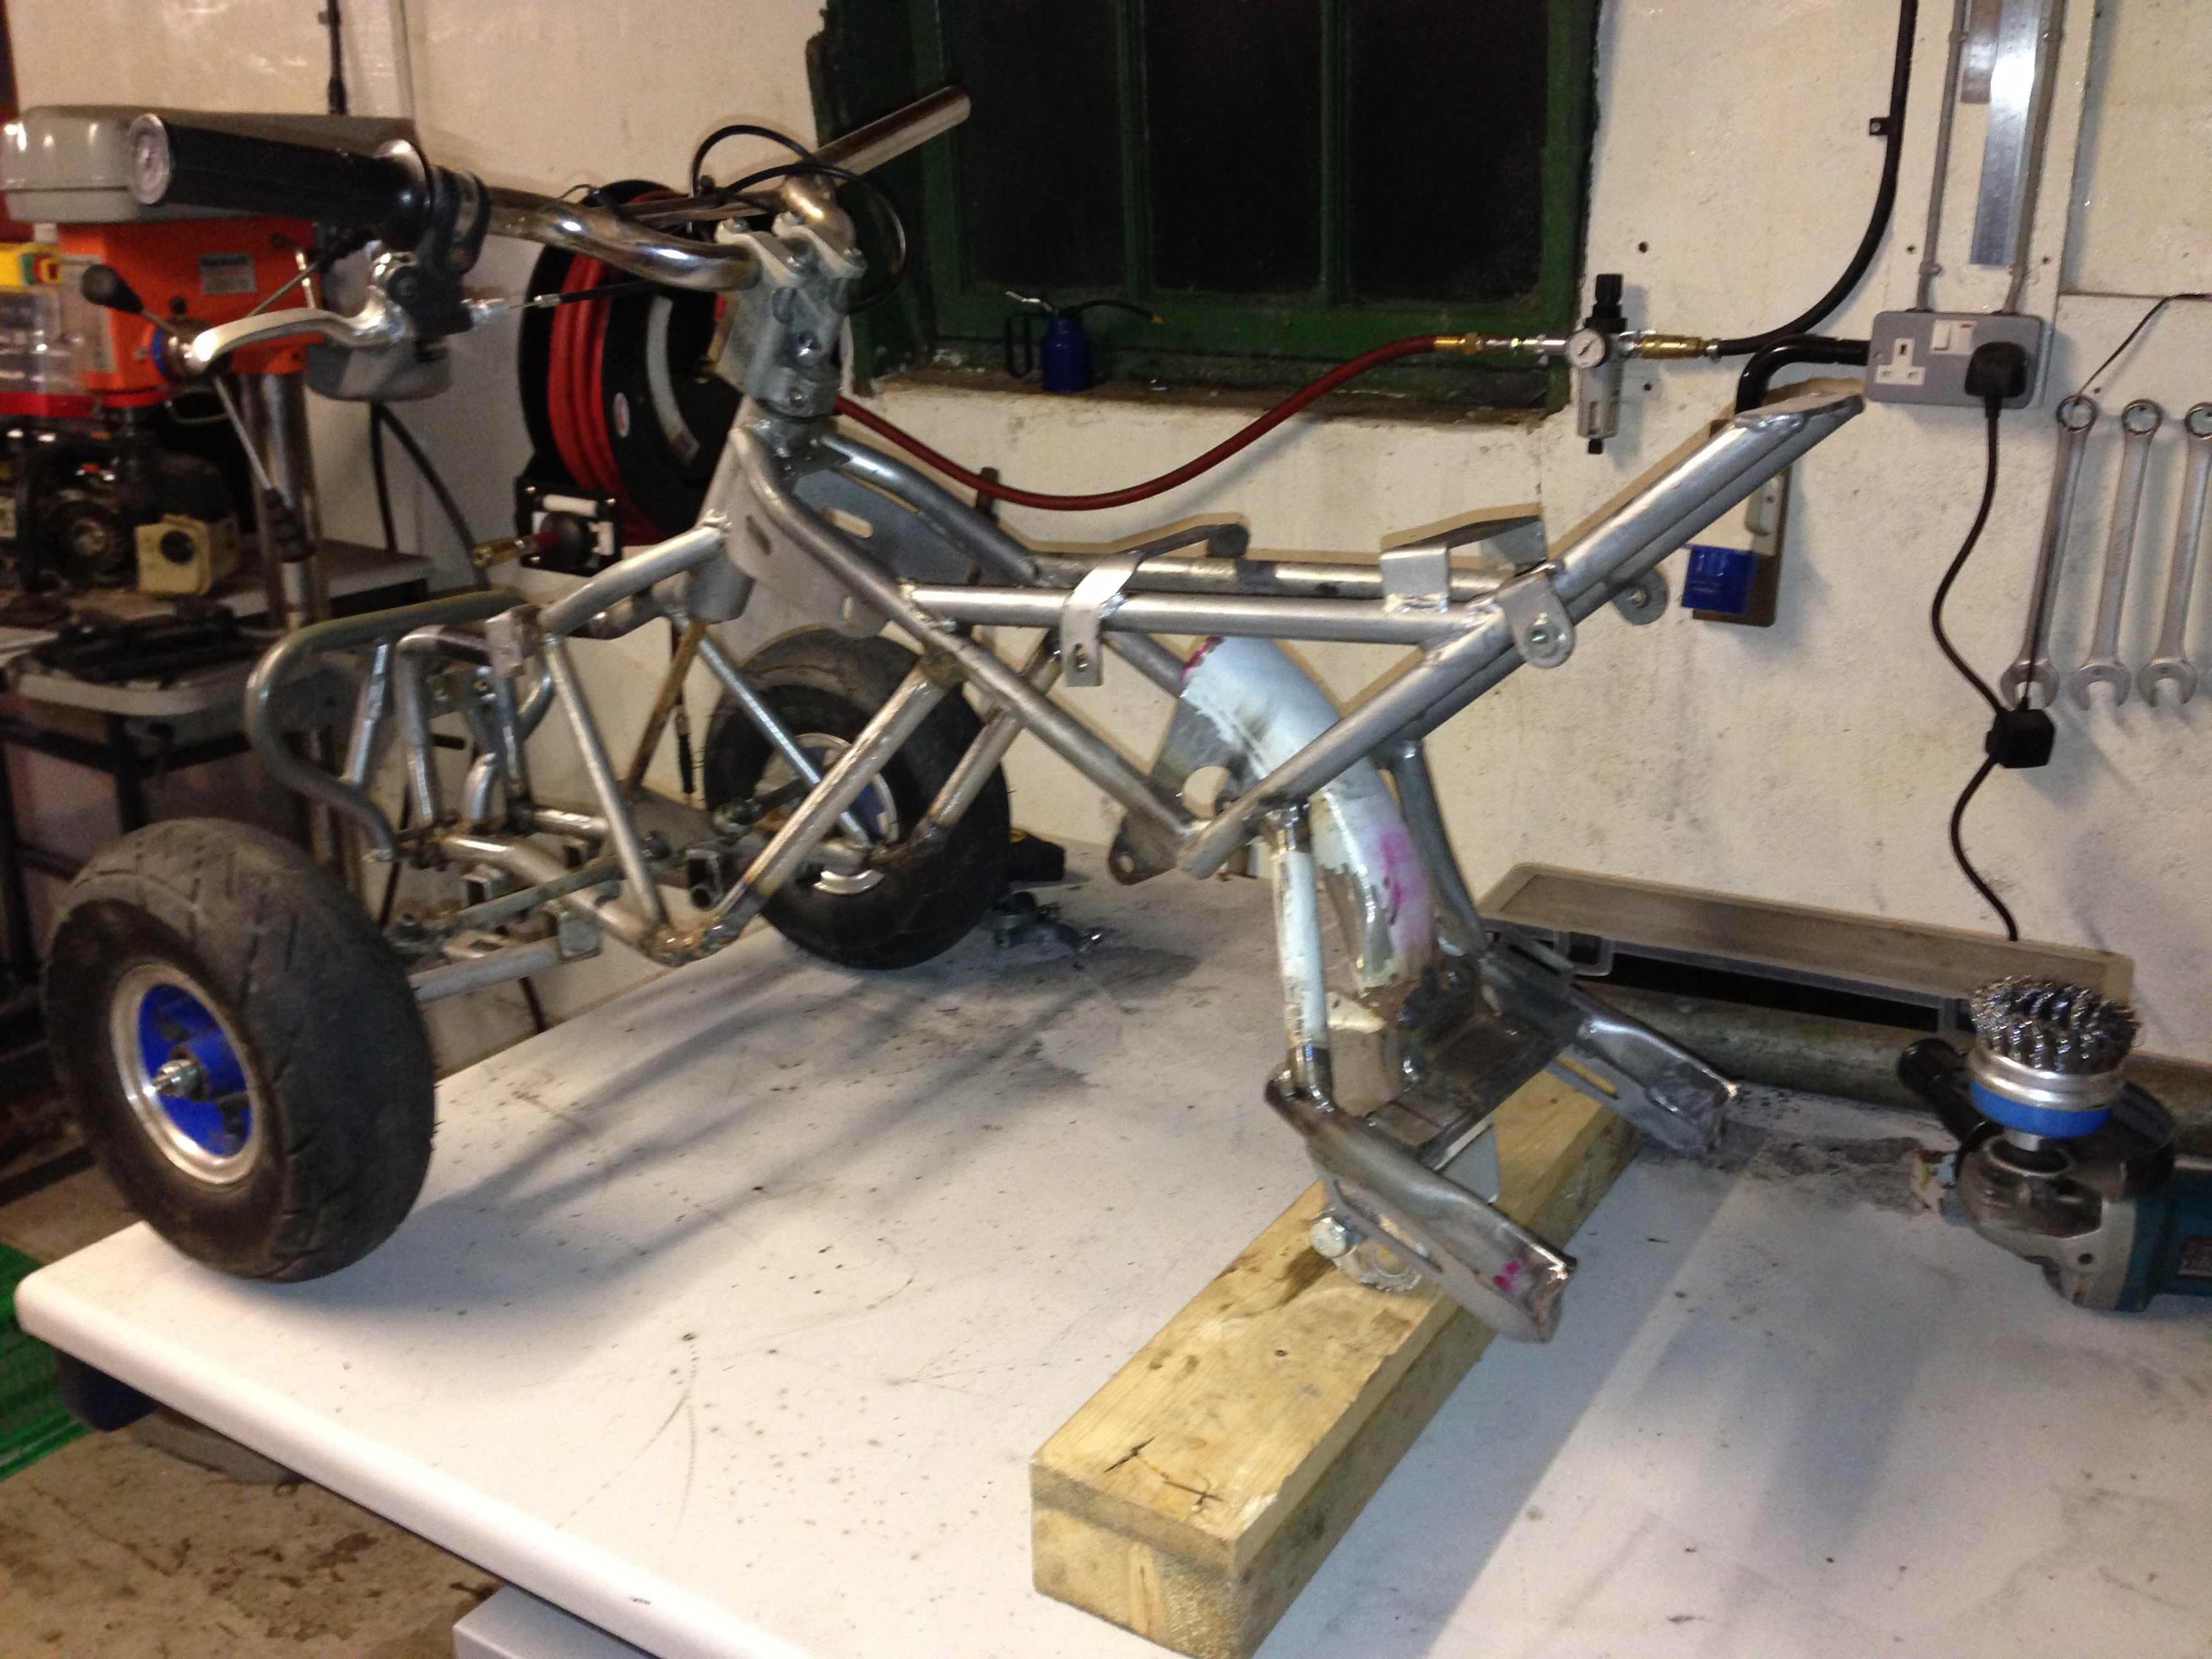 Suzuki Cc Dirt Bike Wont Start